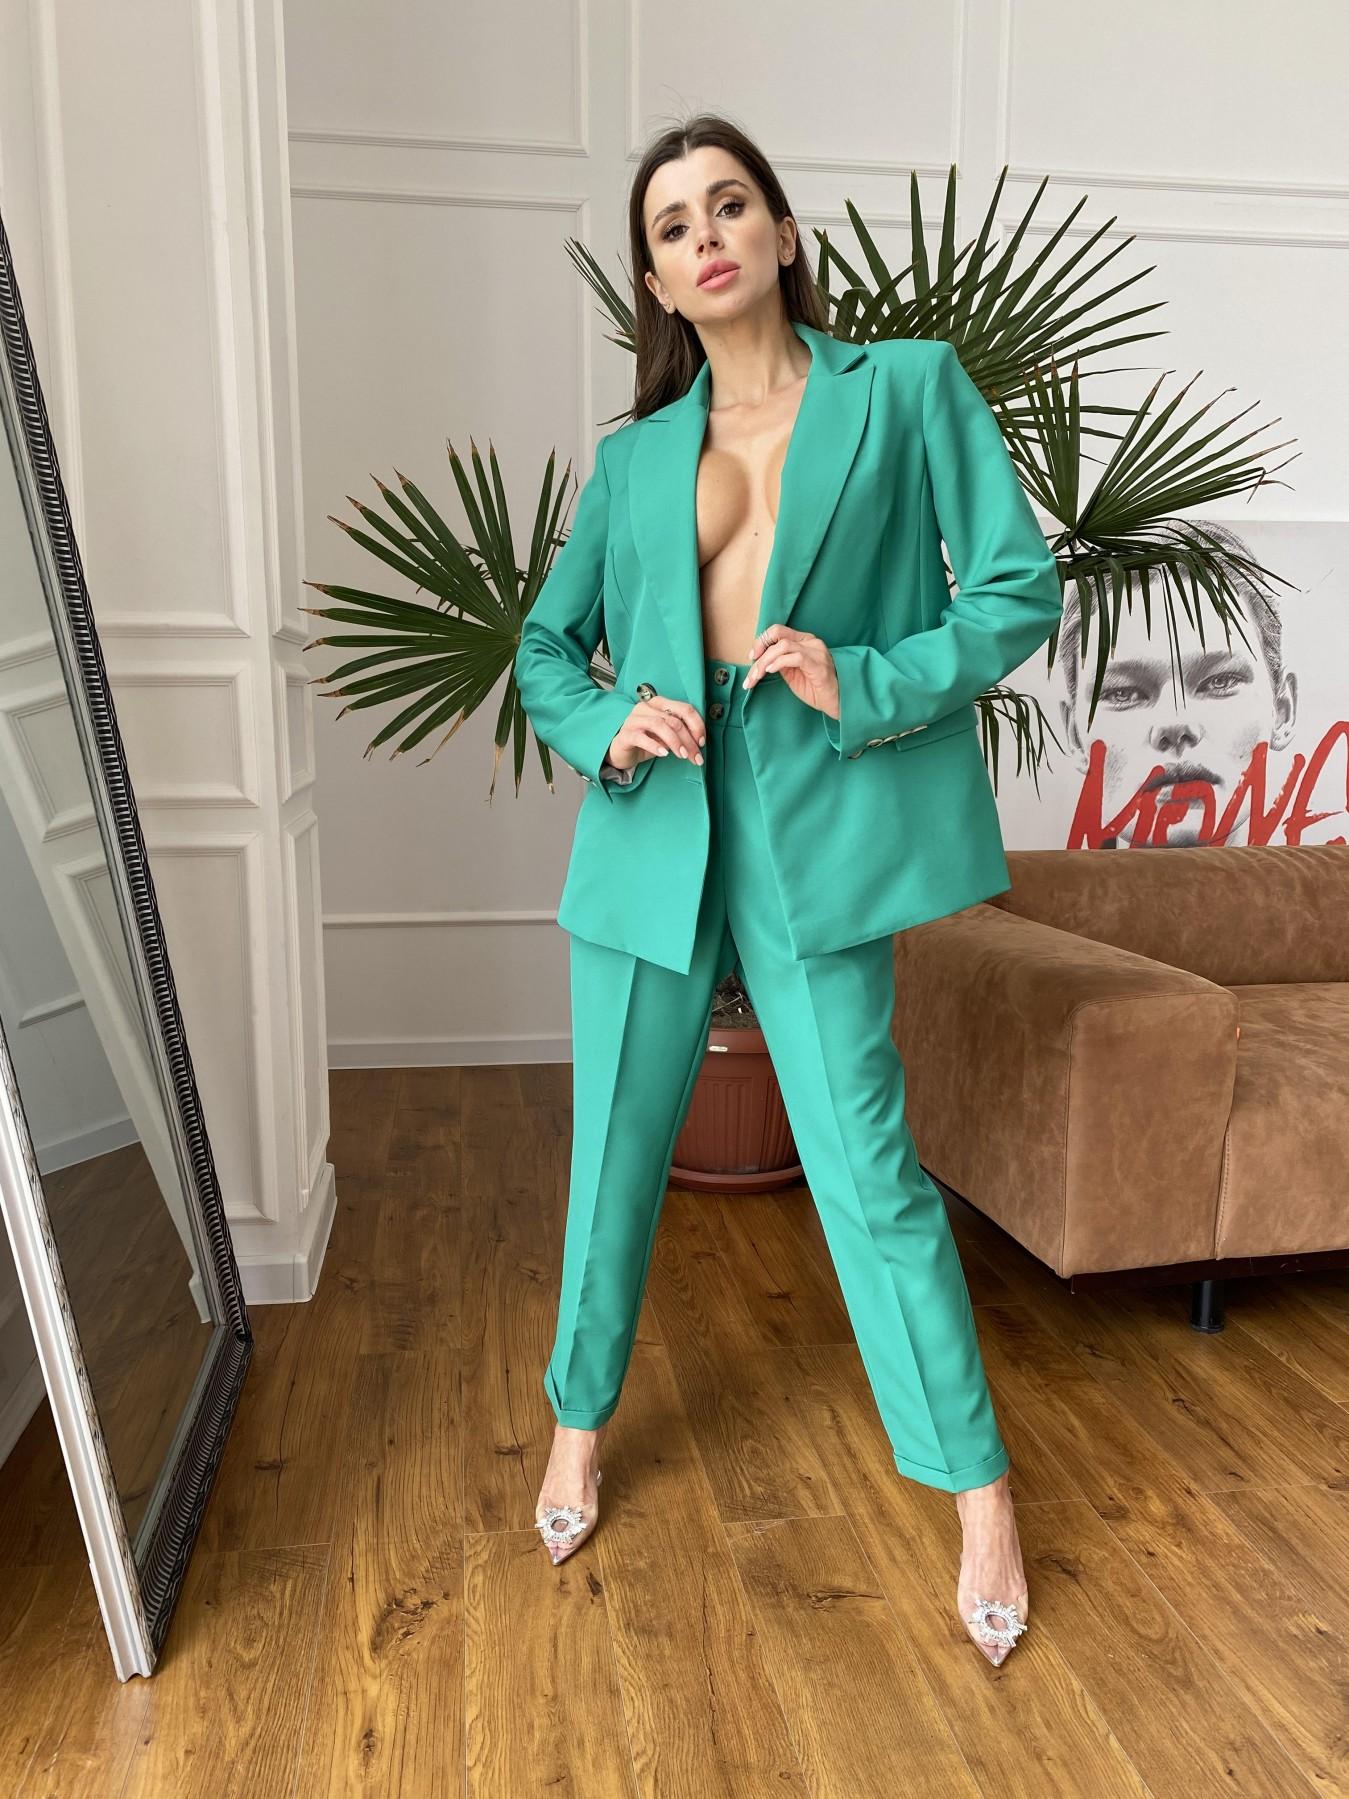 Франко костюм из костюмной ткани 11090 АРТ. 48111 Цвет: Зеленый 2 - фото 1, интернет магазин tm-modus.ru